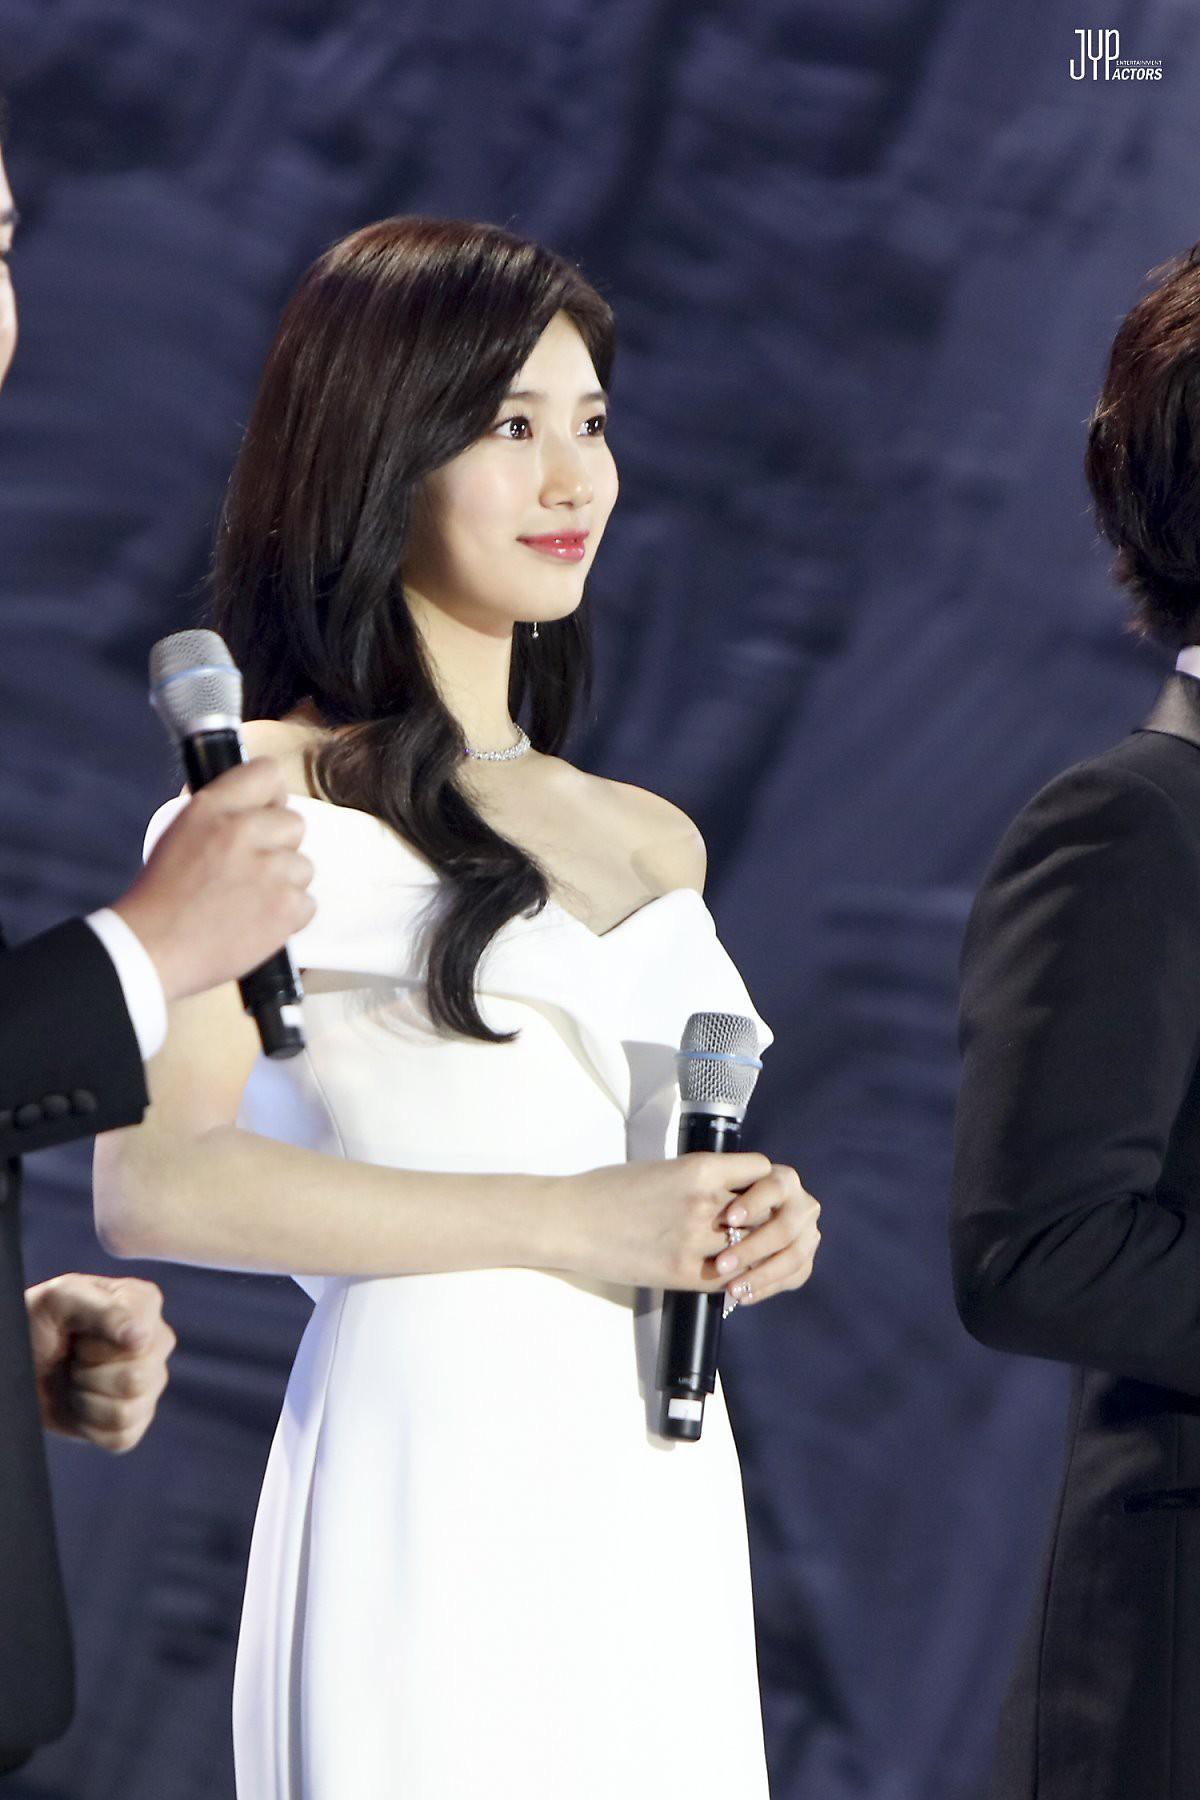 Hình hậu trường nóng hổi của Suzy tại Baeksang: Sải bước ở hầm để xe mà sang như bà hoàng, đẹp hơn cả đi thảm đỏ - Ảnh 14.